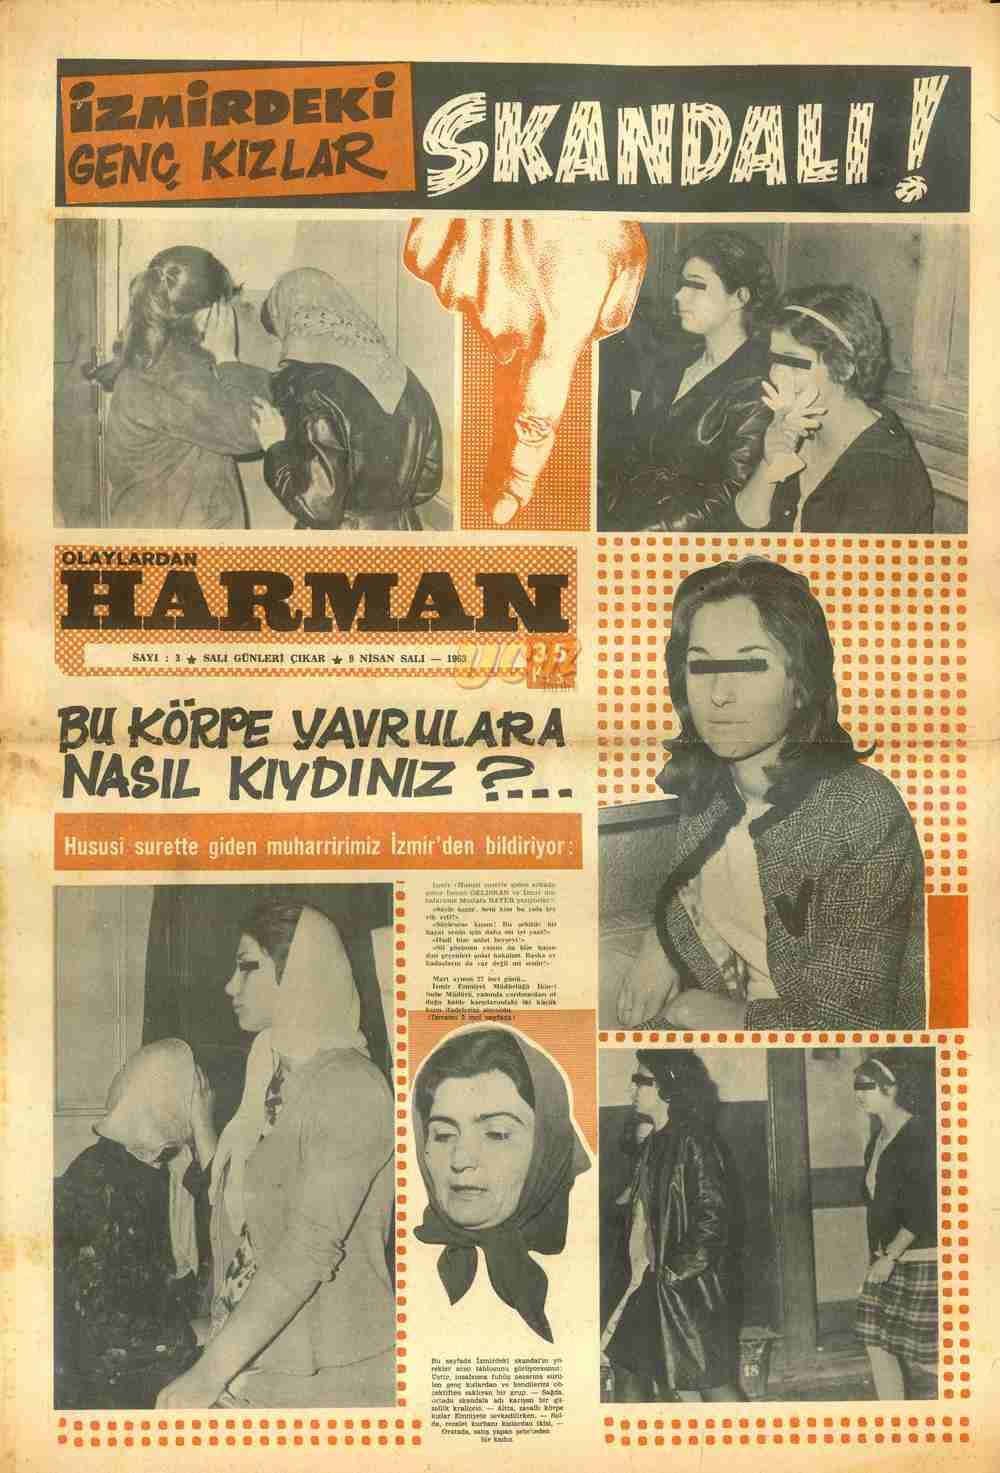 1963-olaylardan-harman